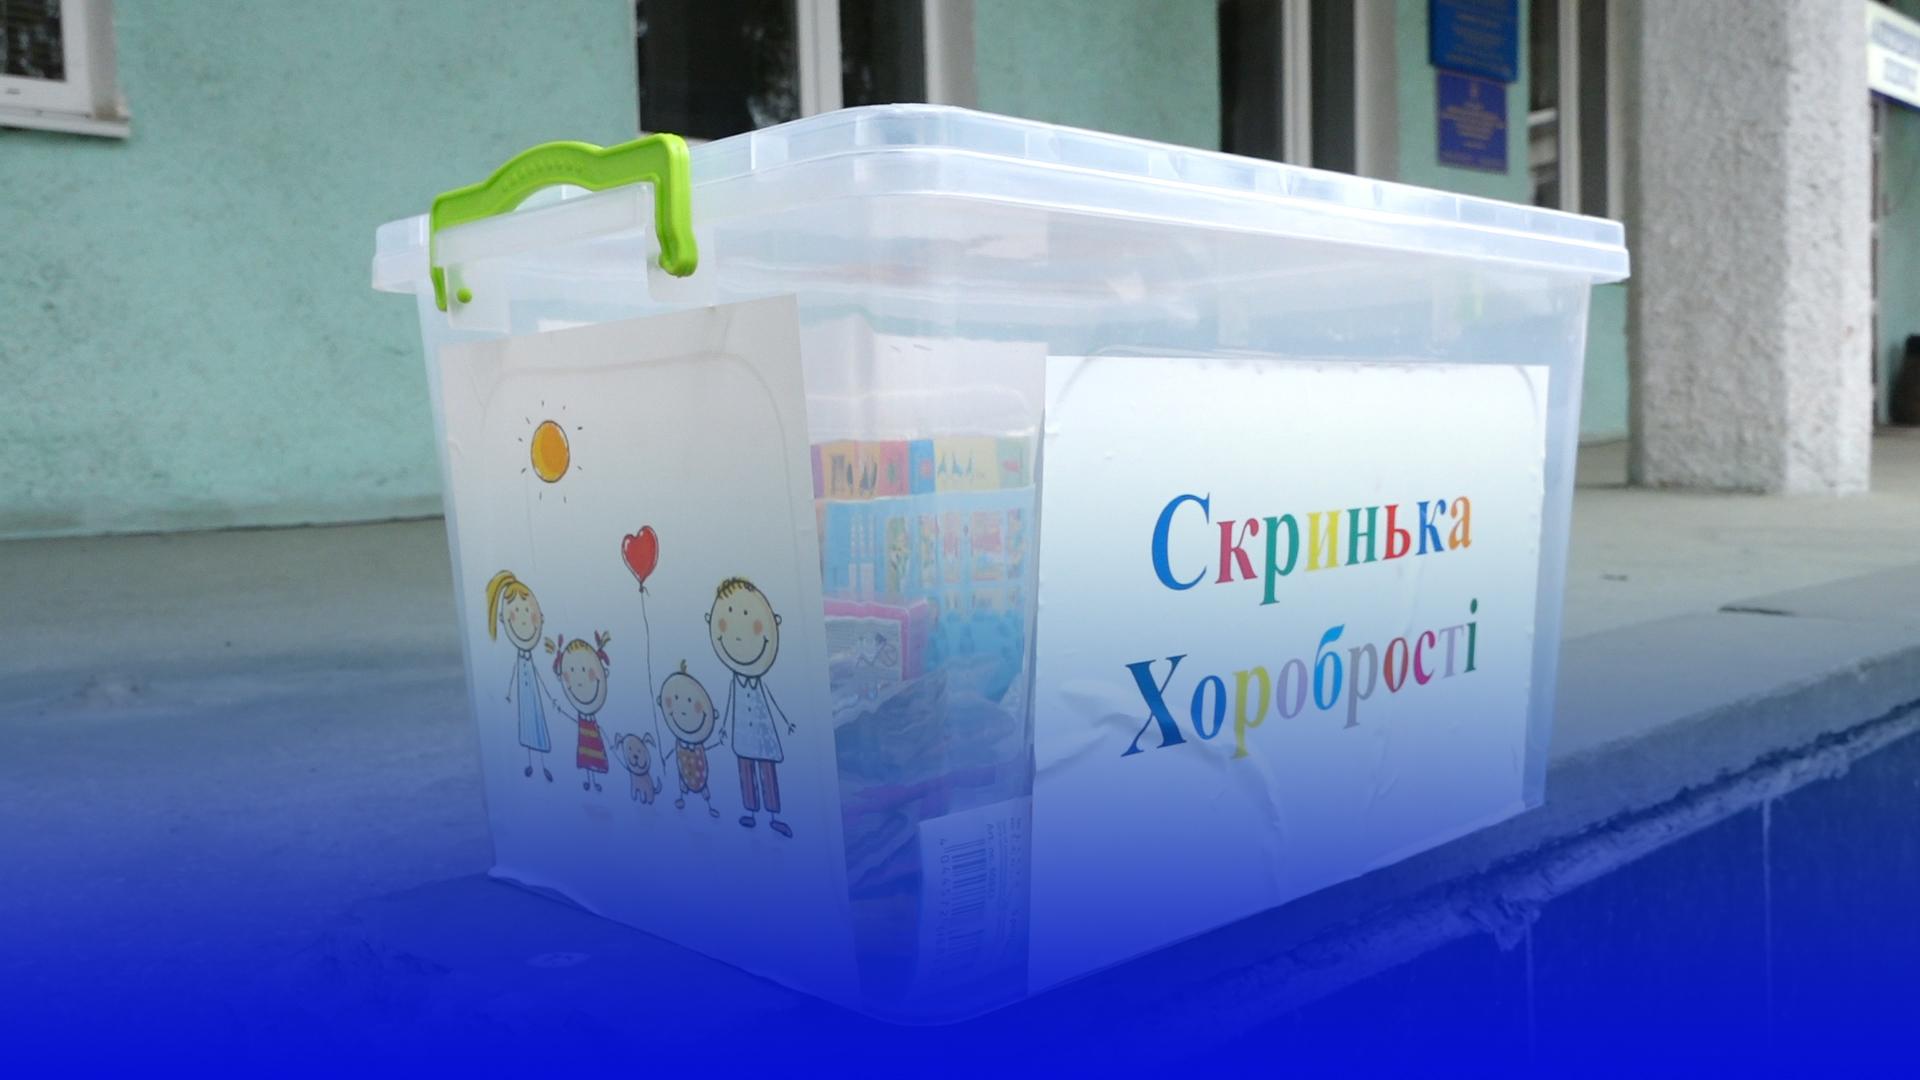 «Скринька хоробрості» для діток: у Тернополі збирають міні-іграшки для онкохворих пацієнтів